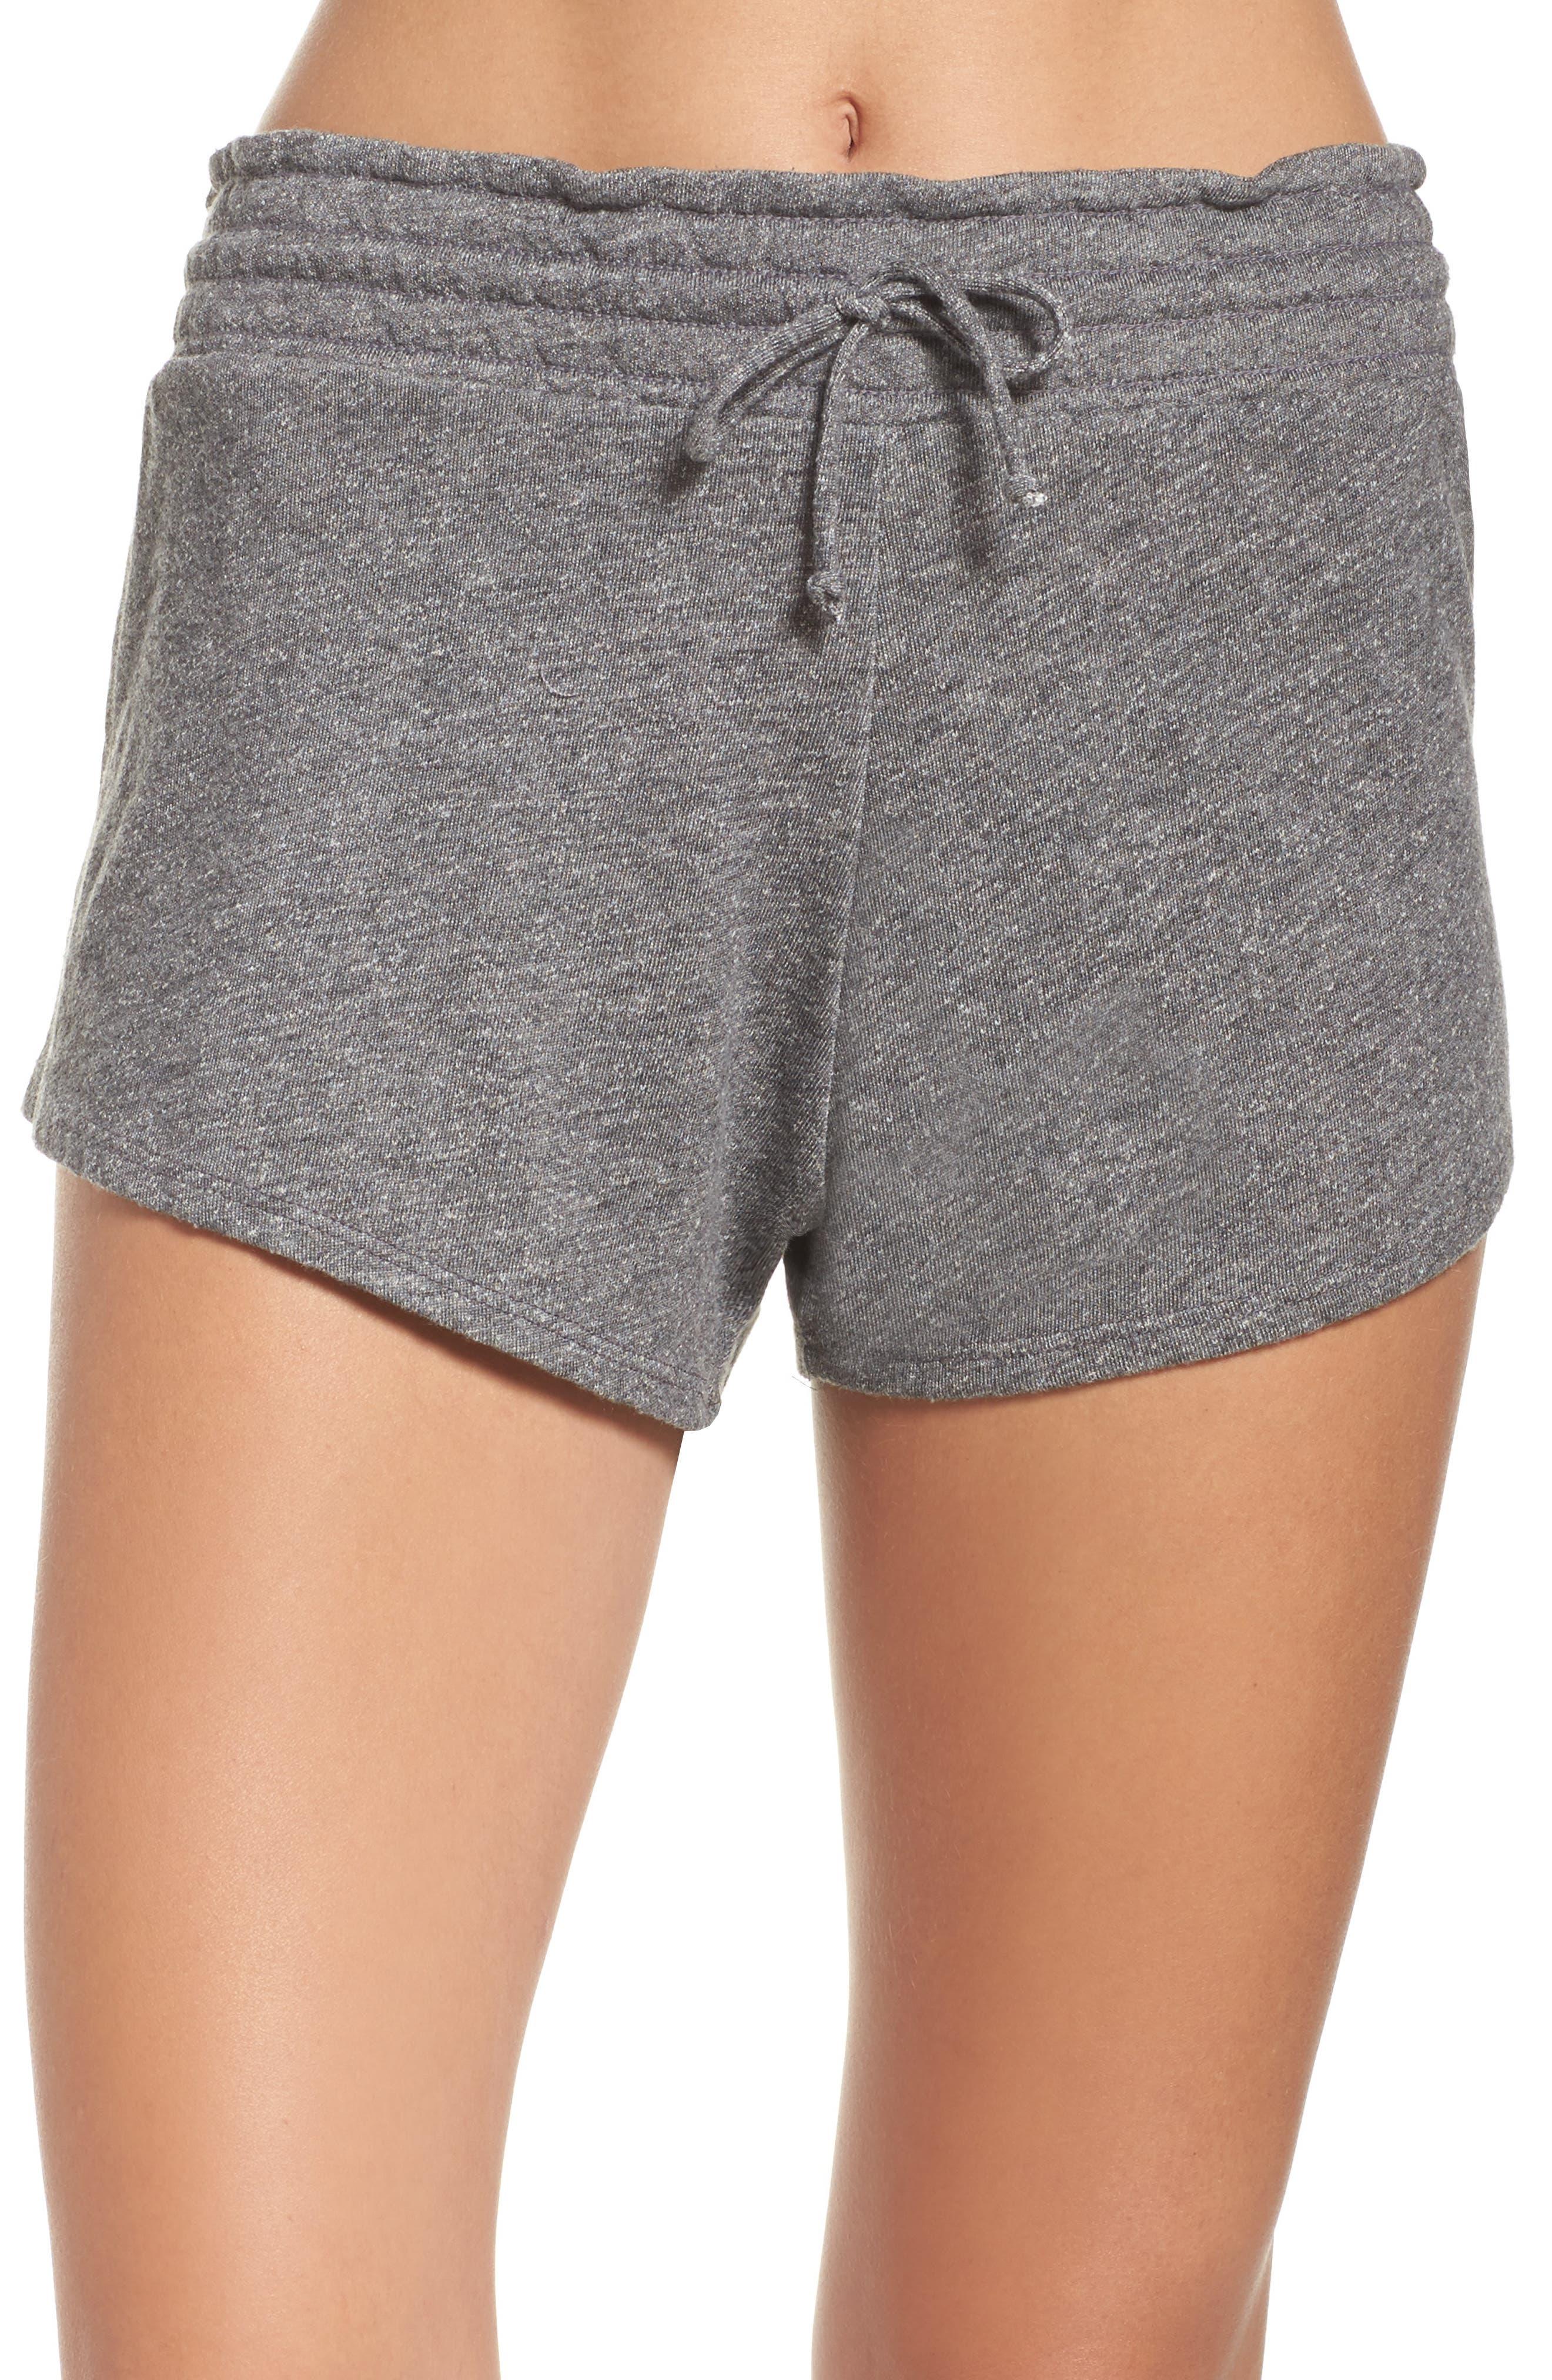 Dallas Shorts,                             Main thumbnail 1, color,                             001